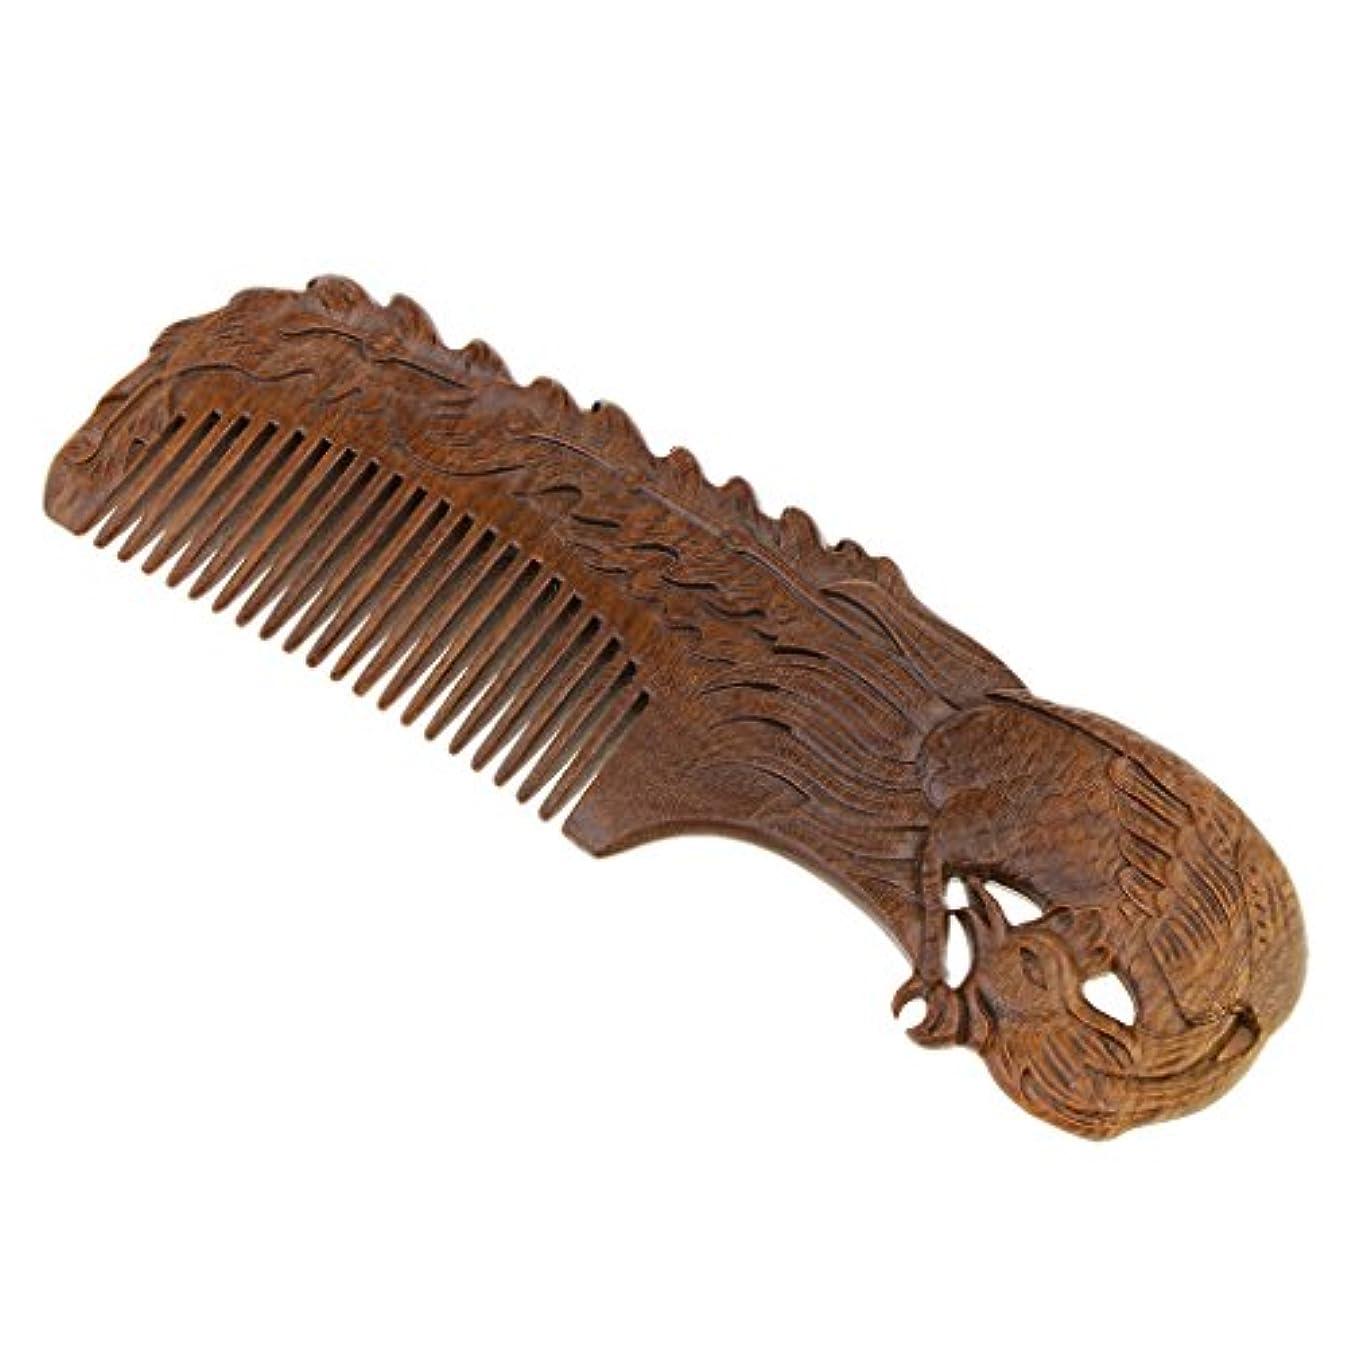 気を散らすシュガー厳しいT TOOYFUL 全2種類 木製 櫛 ウッドコーム ヘアブラシ ヘアコーム 頭皮マッサージ ギフト - Phoenix